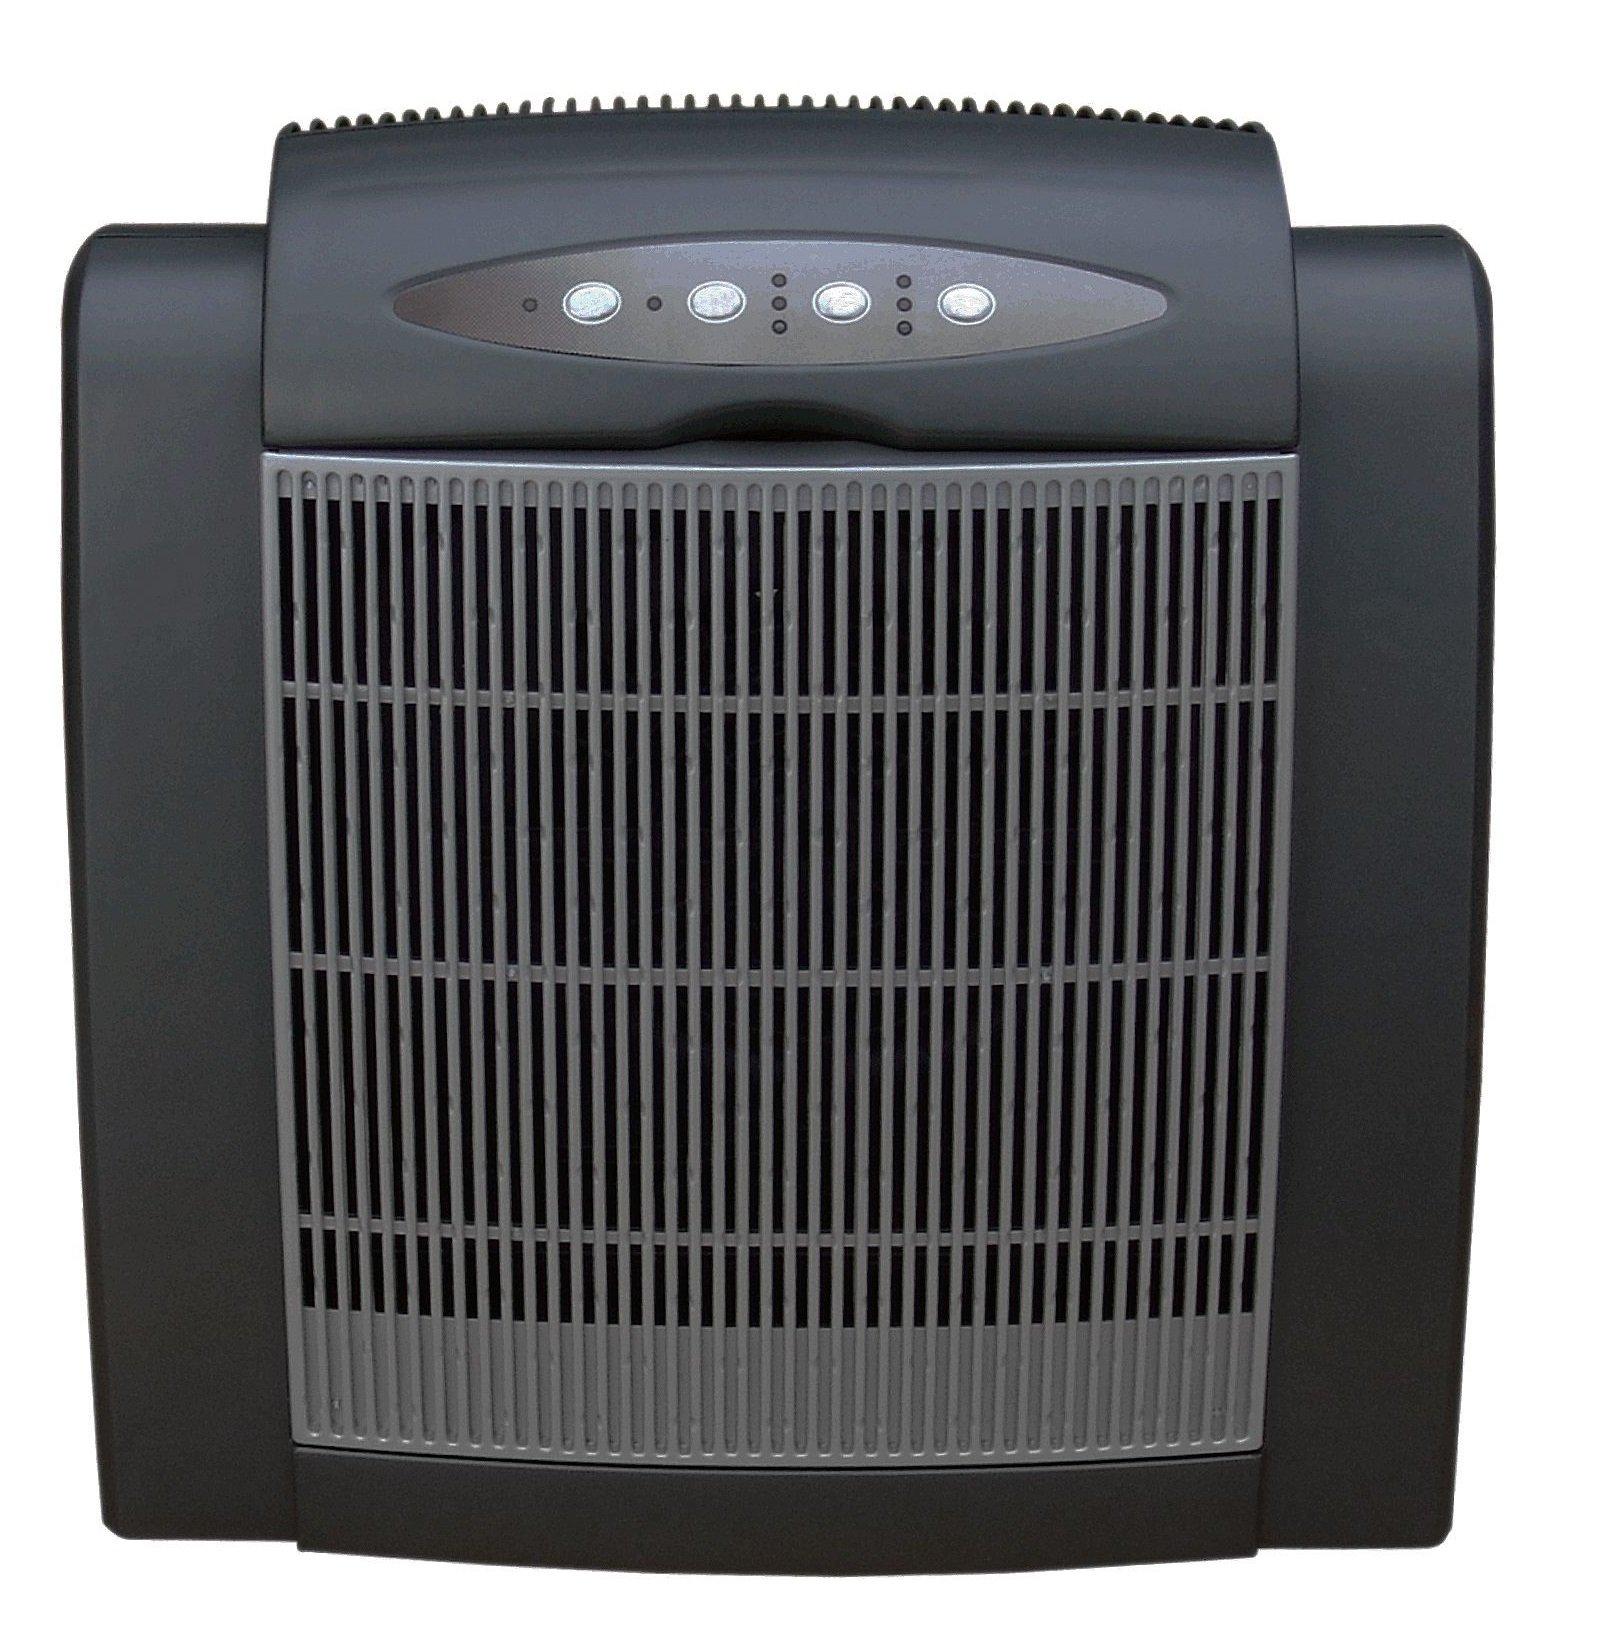 Breeze 4000 Air Purifier